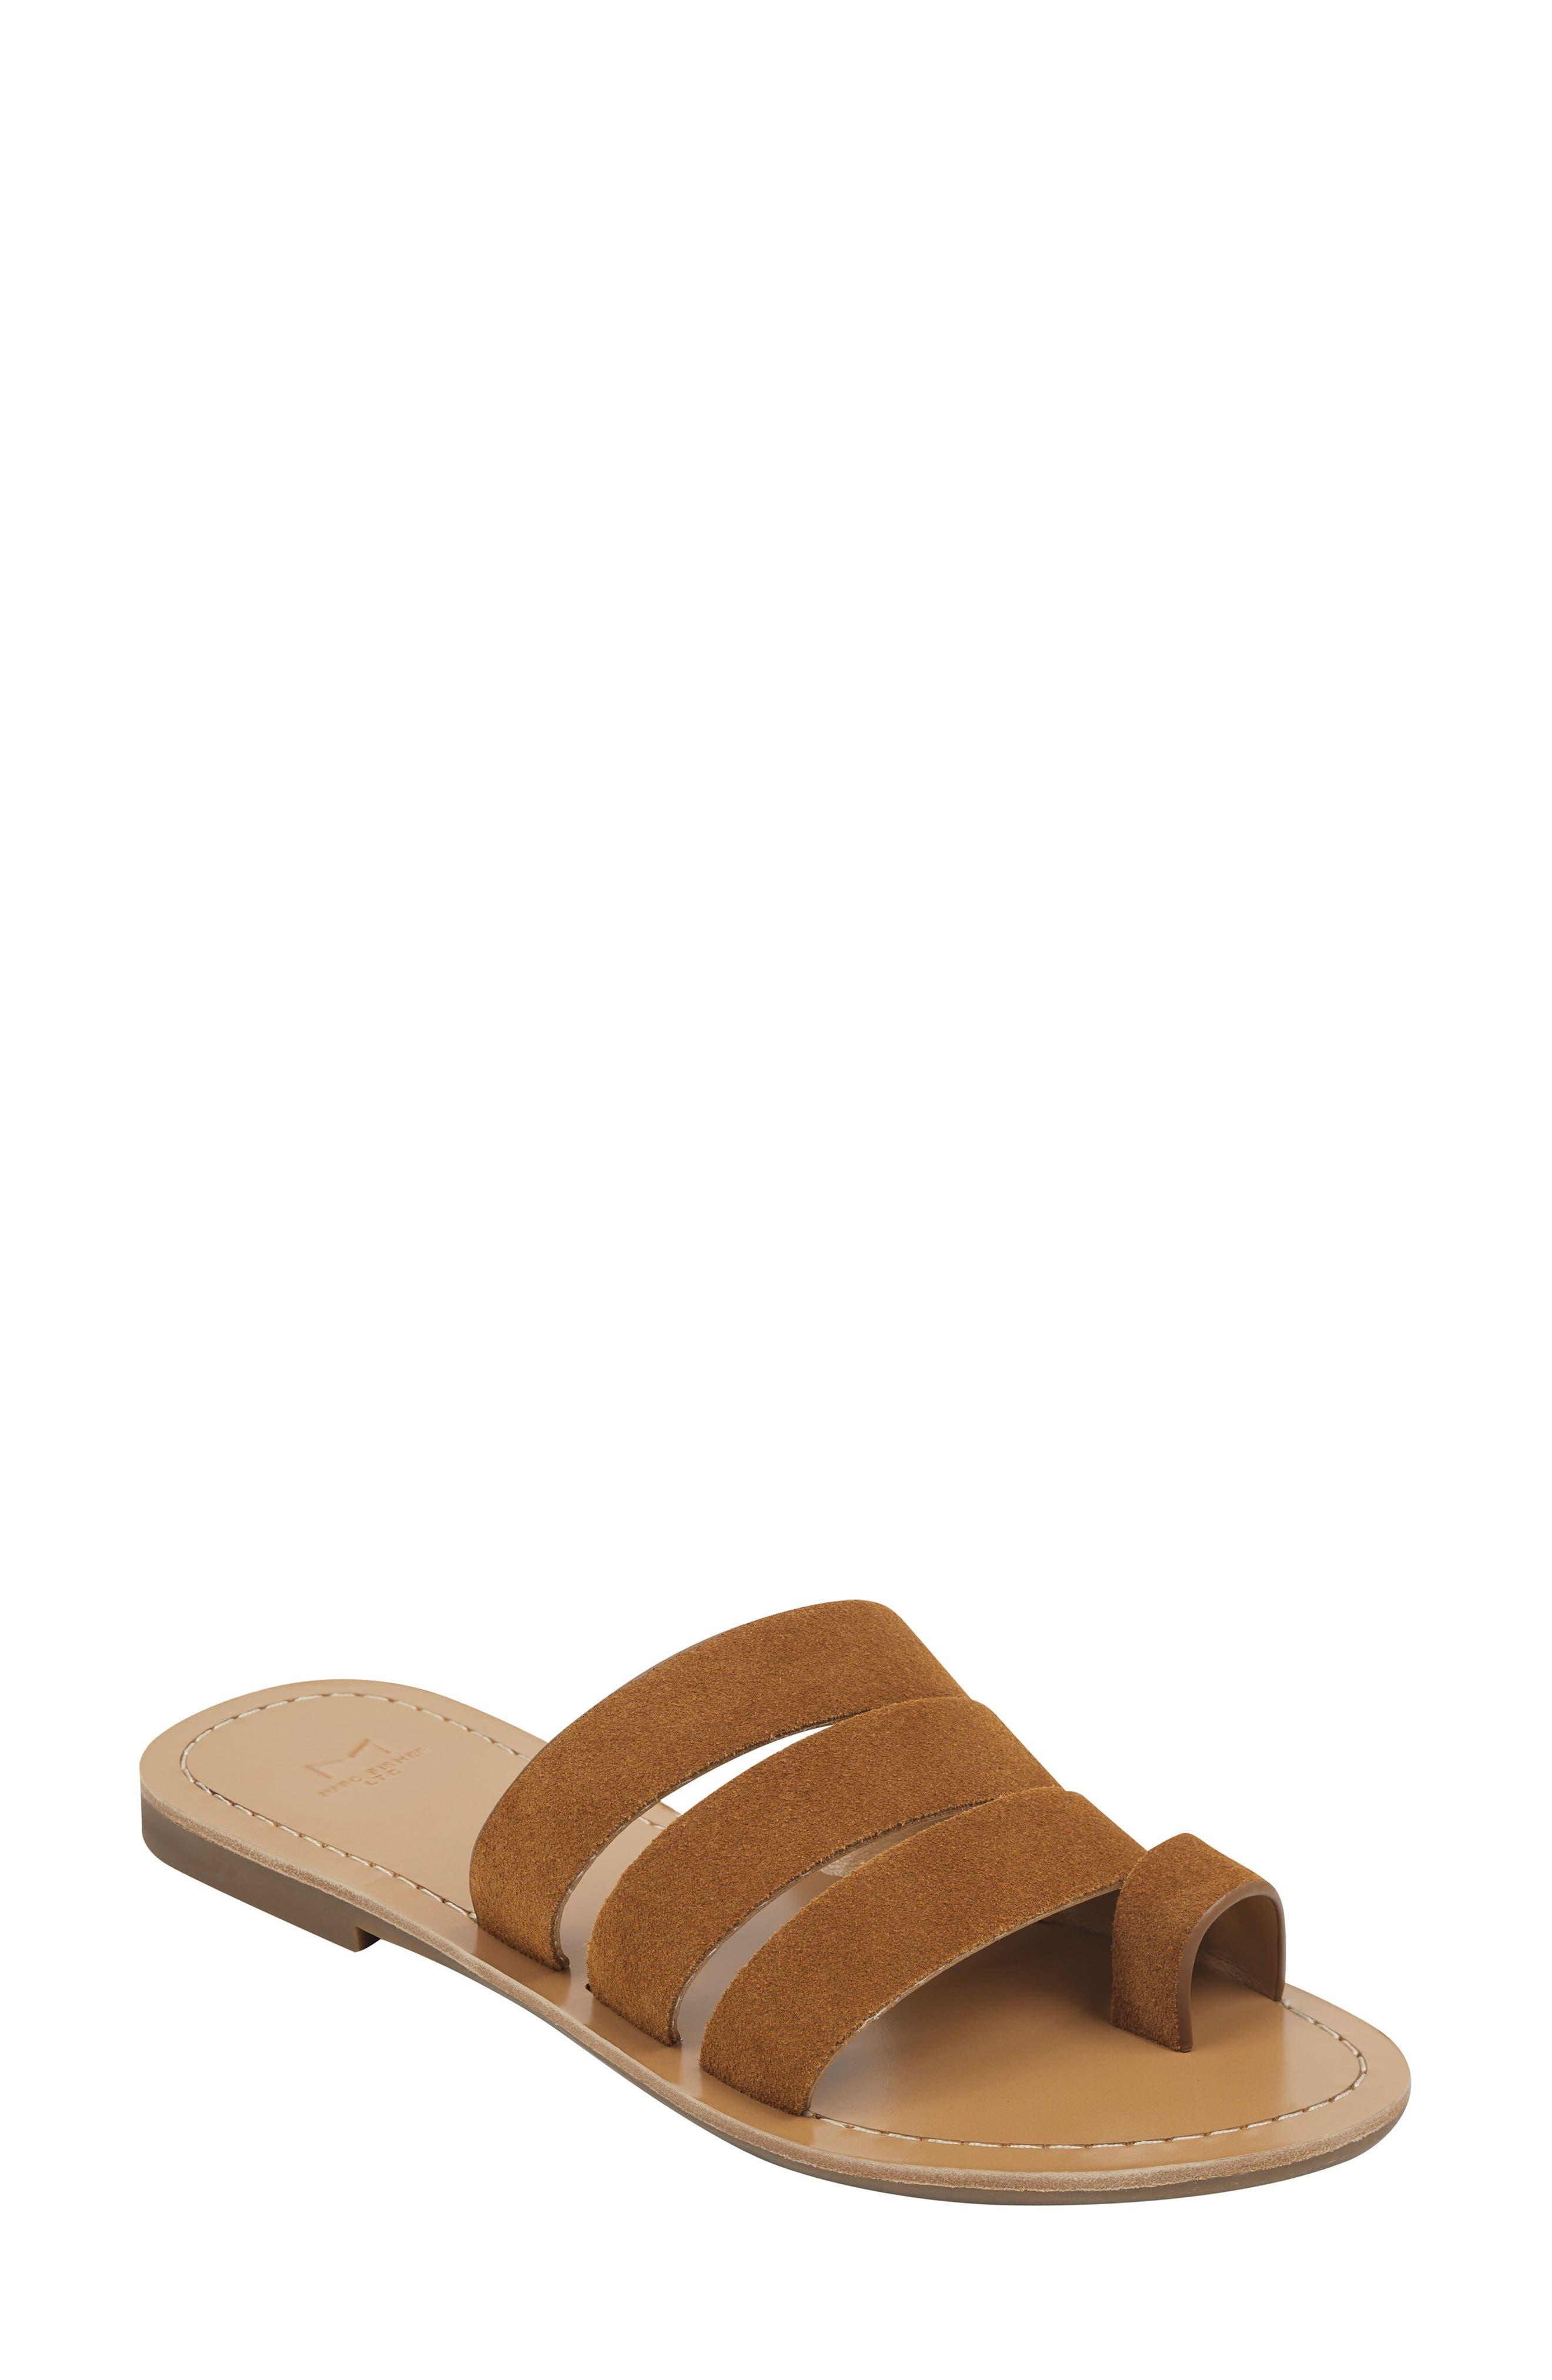 Marc Fisher LTD   Rilee Slide Sandal